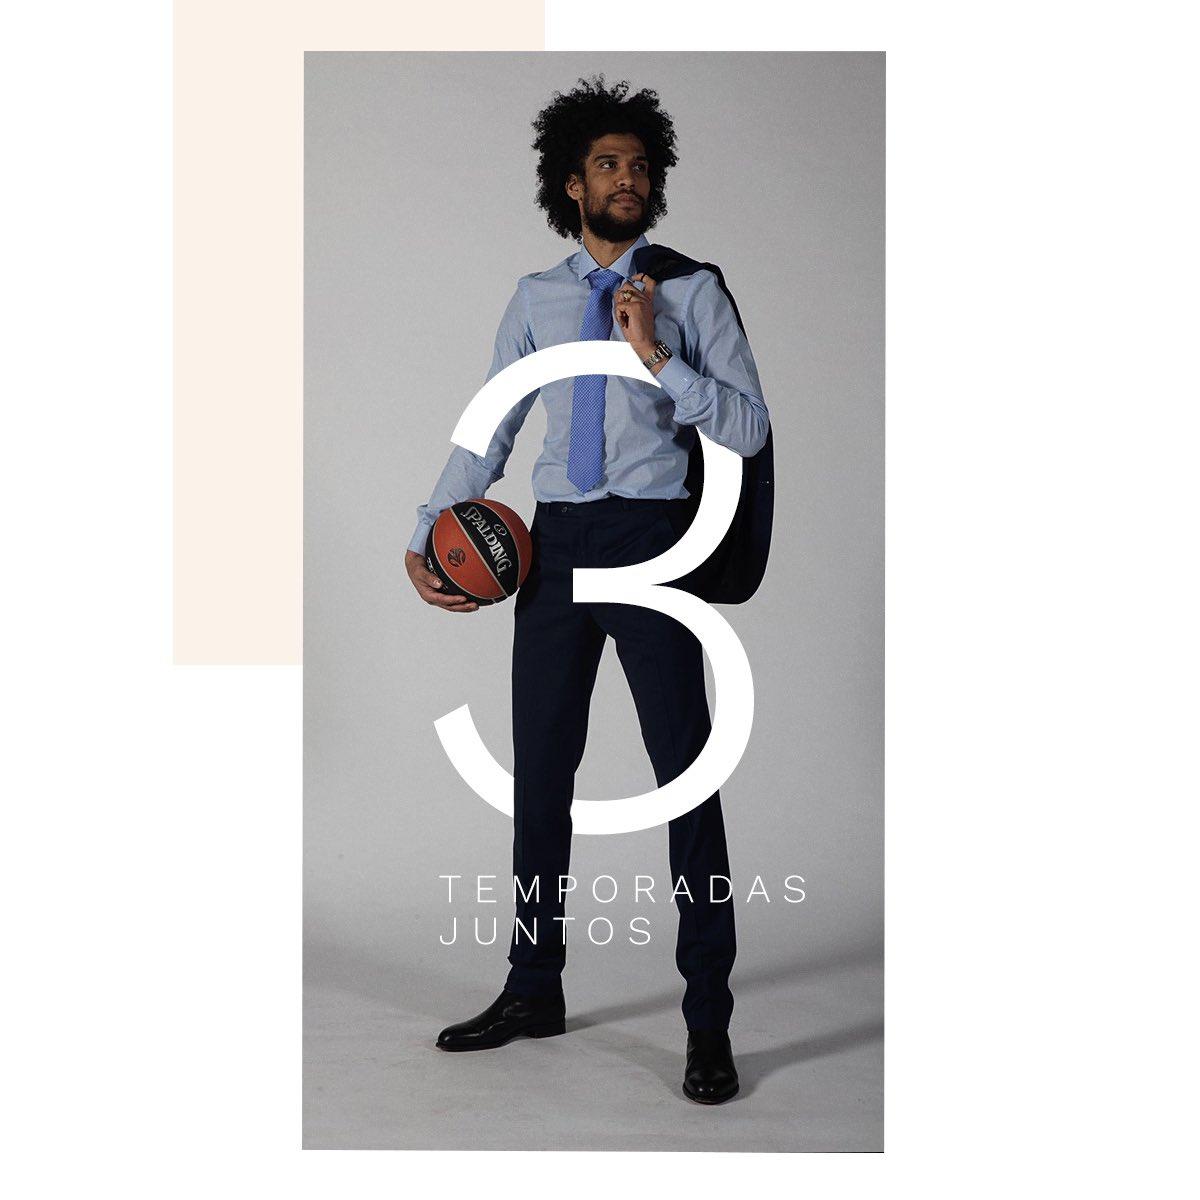 ¡A por una más! 🧡  #Jajoan y @valenciabasket, tres años de elegancia de altura 🏀 https://t.co/tSKQ2MLOz2